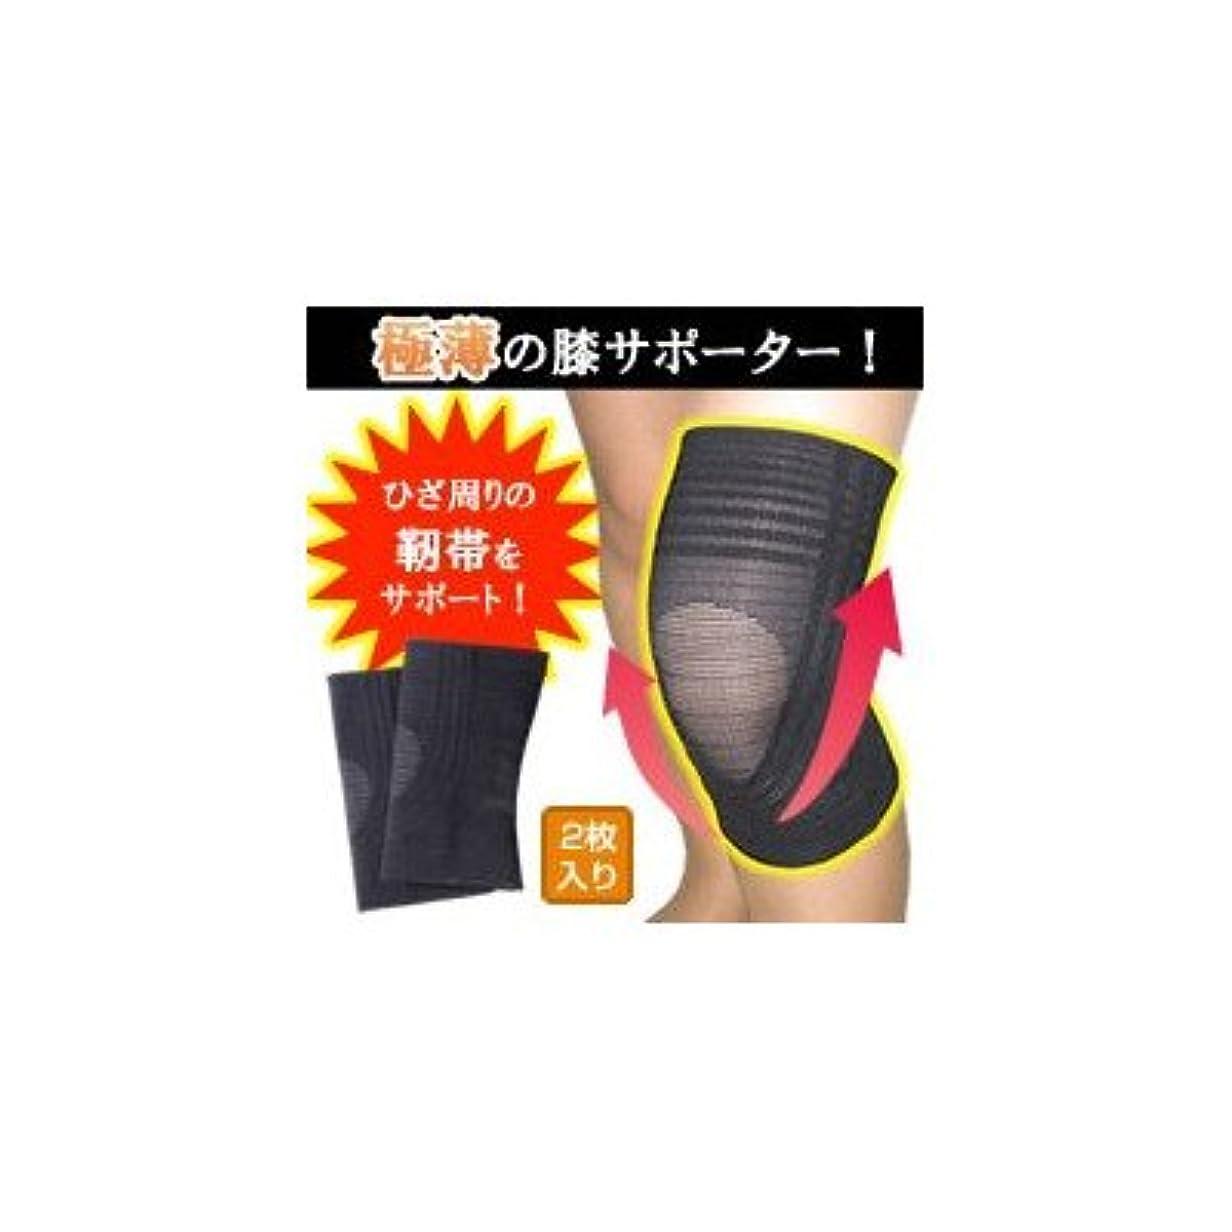 努力フットボール影縁の下の膝靭帯サポーター M( 画像はイメージ画像です お届けの商品はMのみとなります)